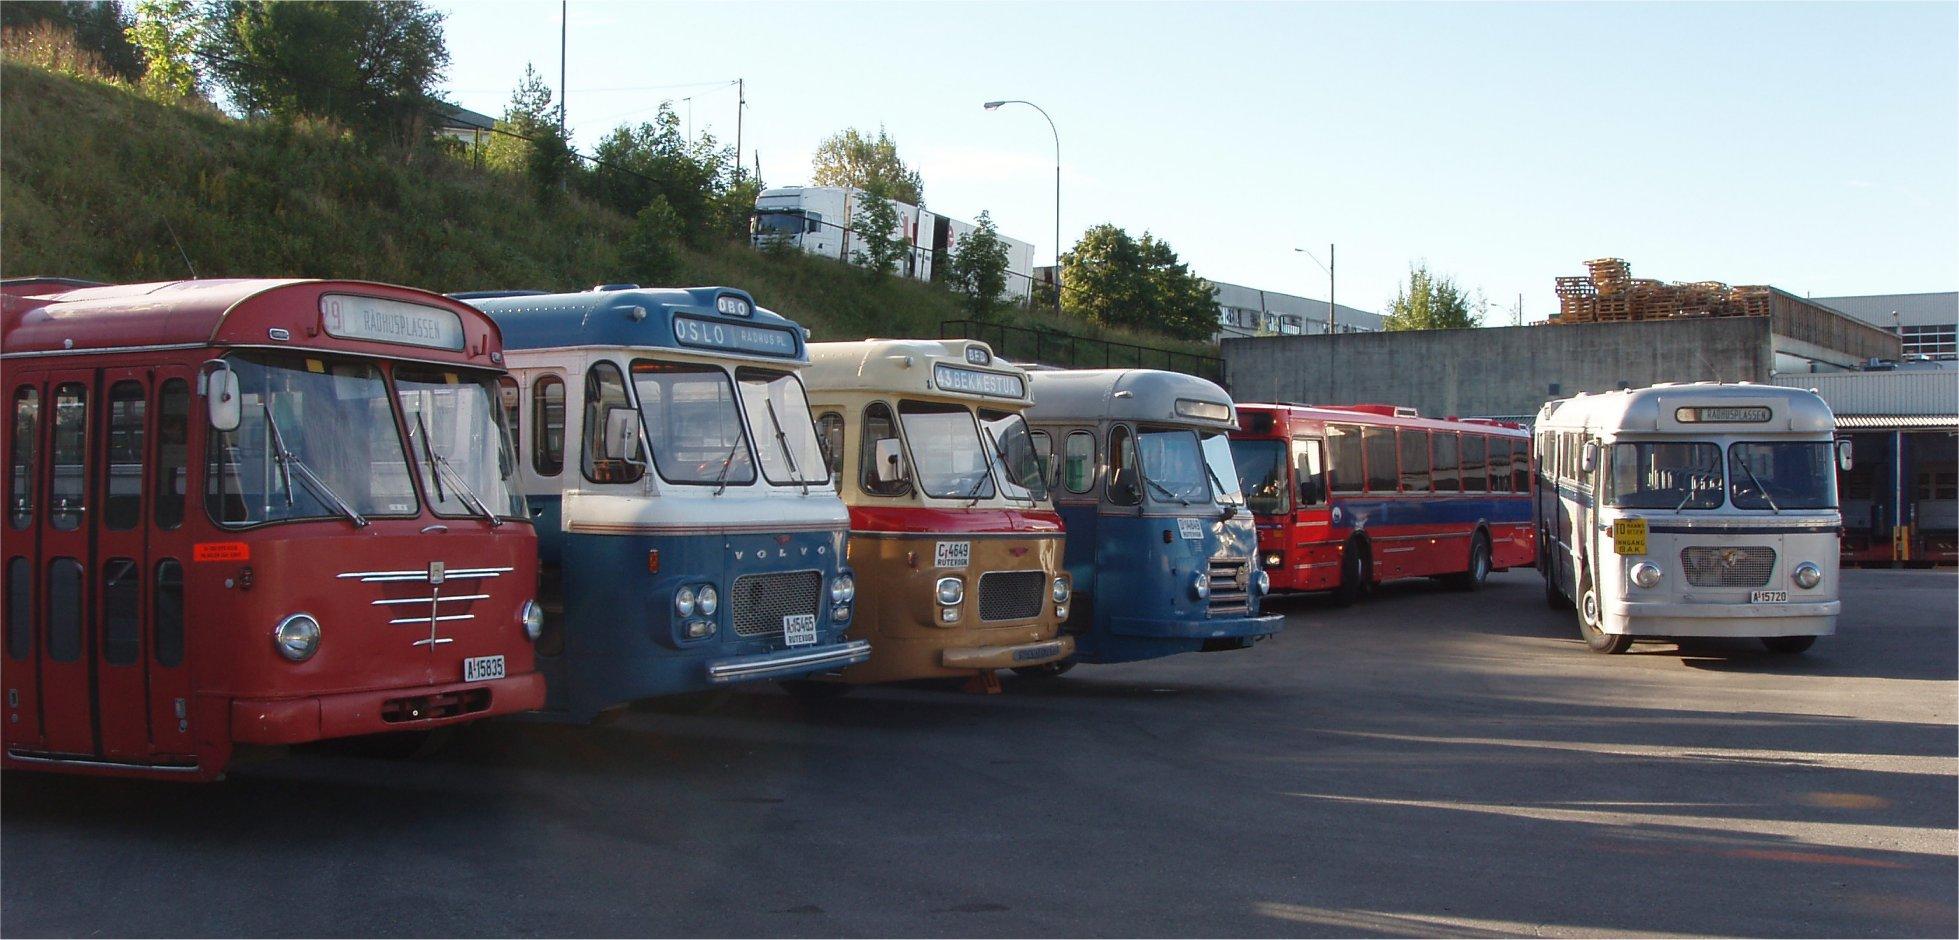 Veteranbussene fra LTF som skulle inn i aktiv tjeneste var samlet på Økern. Ved 8-tiden om morgenen begynte nedkjøringen til Rådhusplassen. Fra venstre Büssing Prefekt 13D fra 1969, deretter en Volvo/VBK B655 fra 1964 (midtmotor), Scania-Vabis/VBK fra 1964, NSB-bussen - en Volvo/Larvik fra 1955, reservebussen Volvo/Arna B10R fra 1987 og til slutt Leyland Worldmaster/VBK fra 1964.